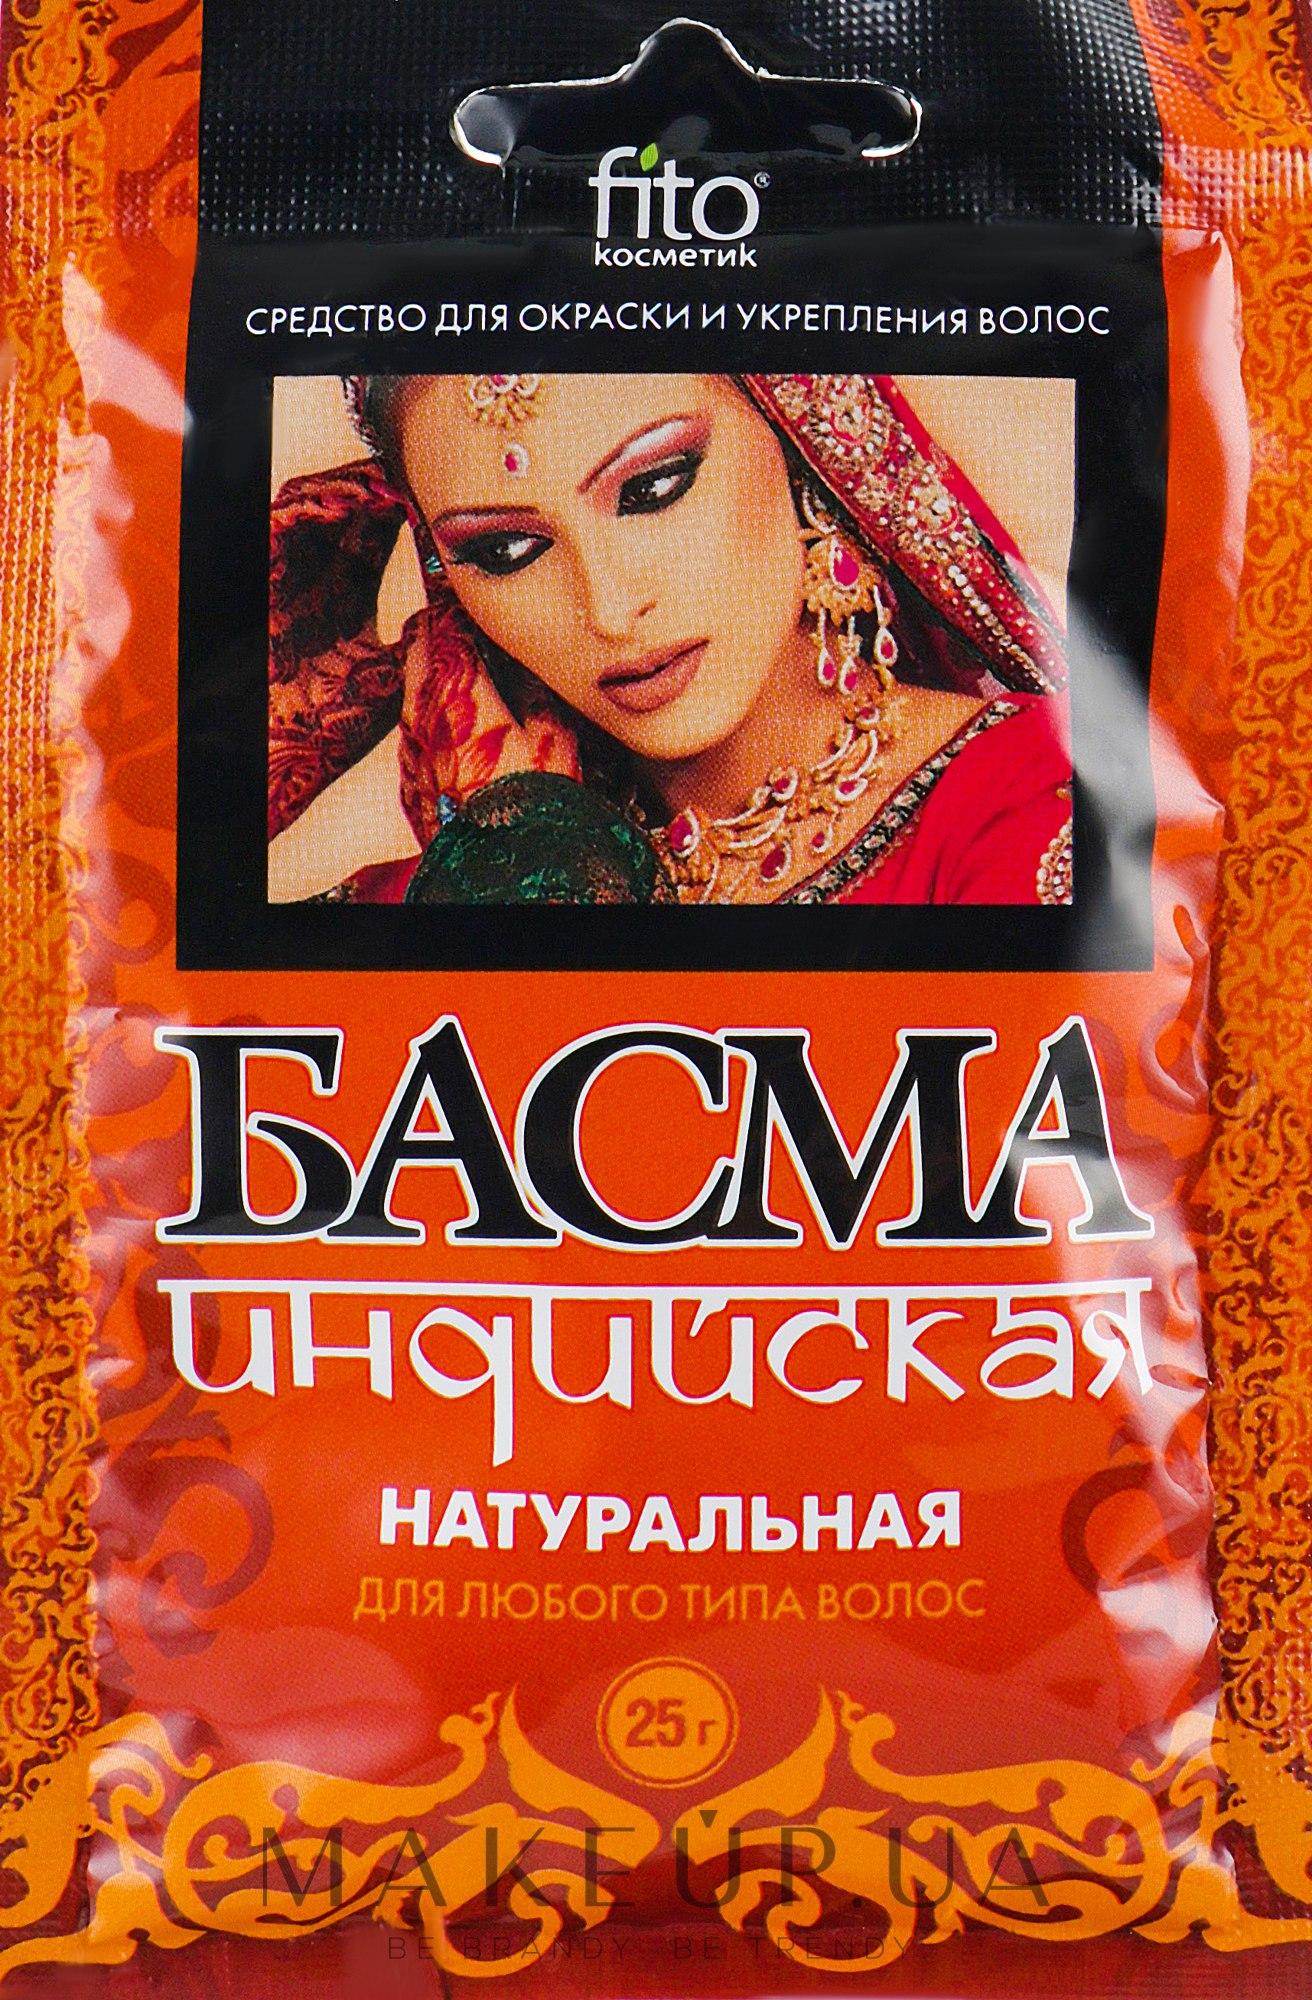 Купить косметику по каталогу косметика savonry в москве купить